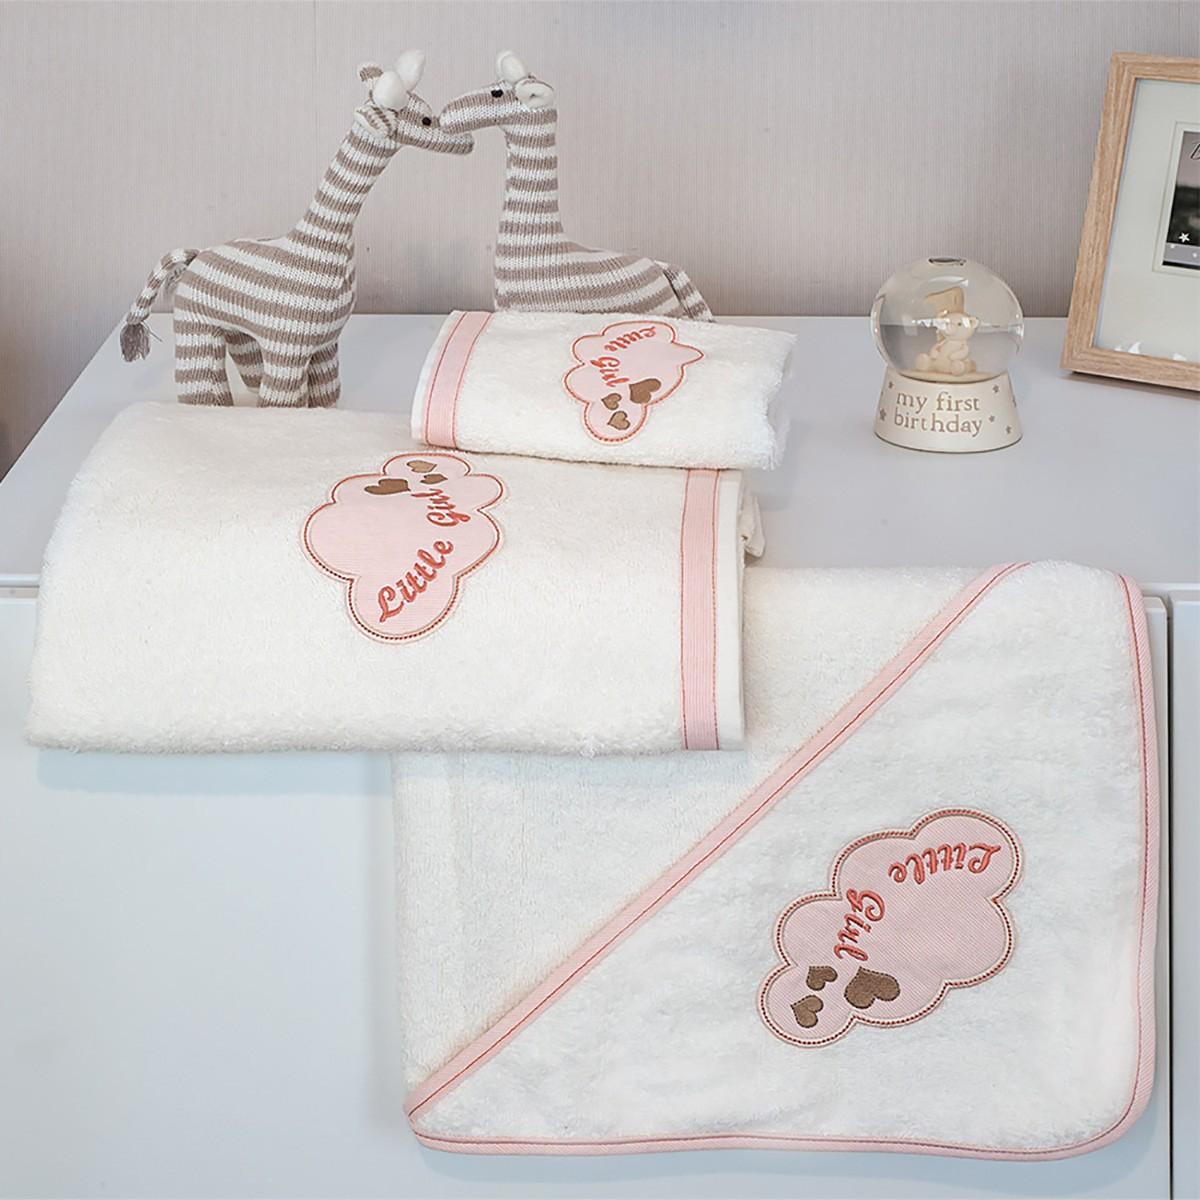 Βρεφικές Πετσέτες (Σετ 2τμχ) Baby Oliver Little Girl Des 144